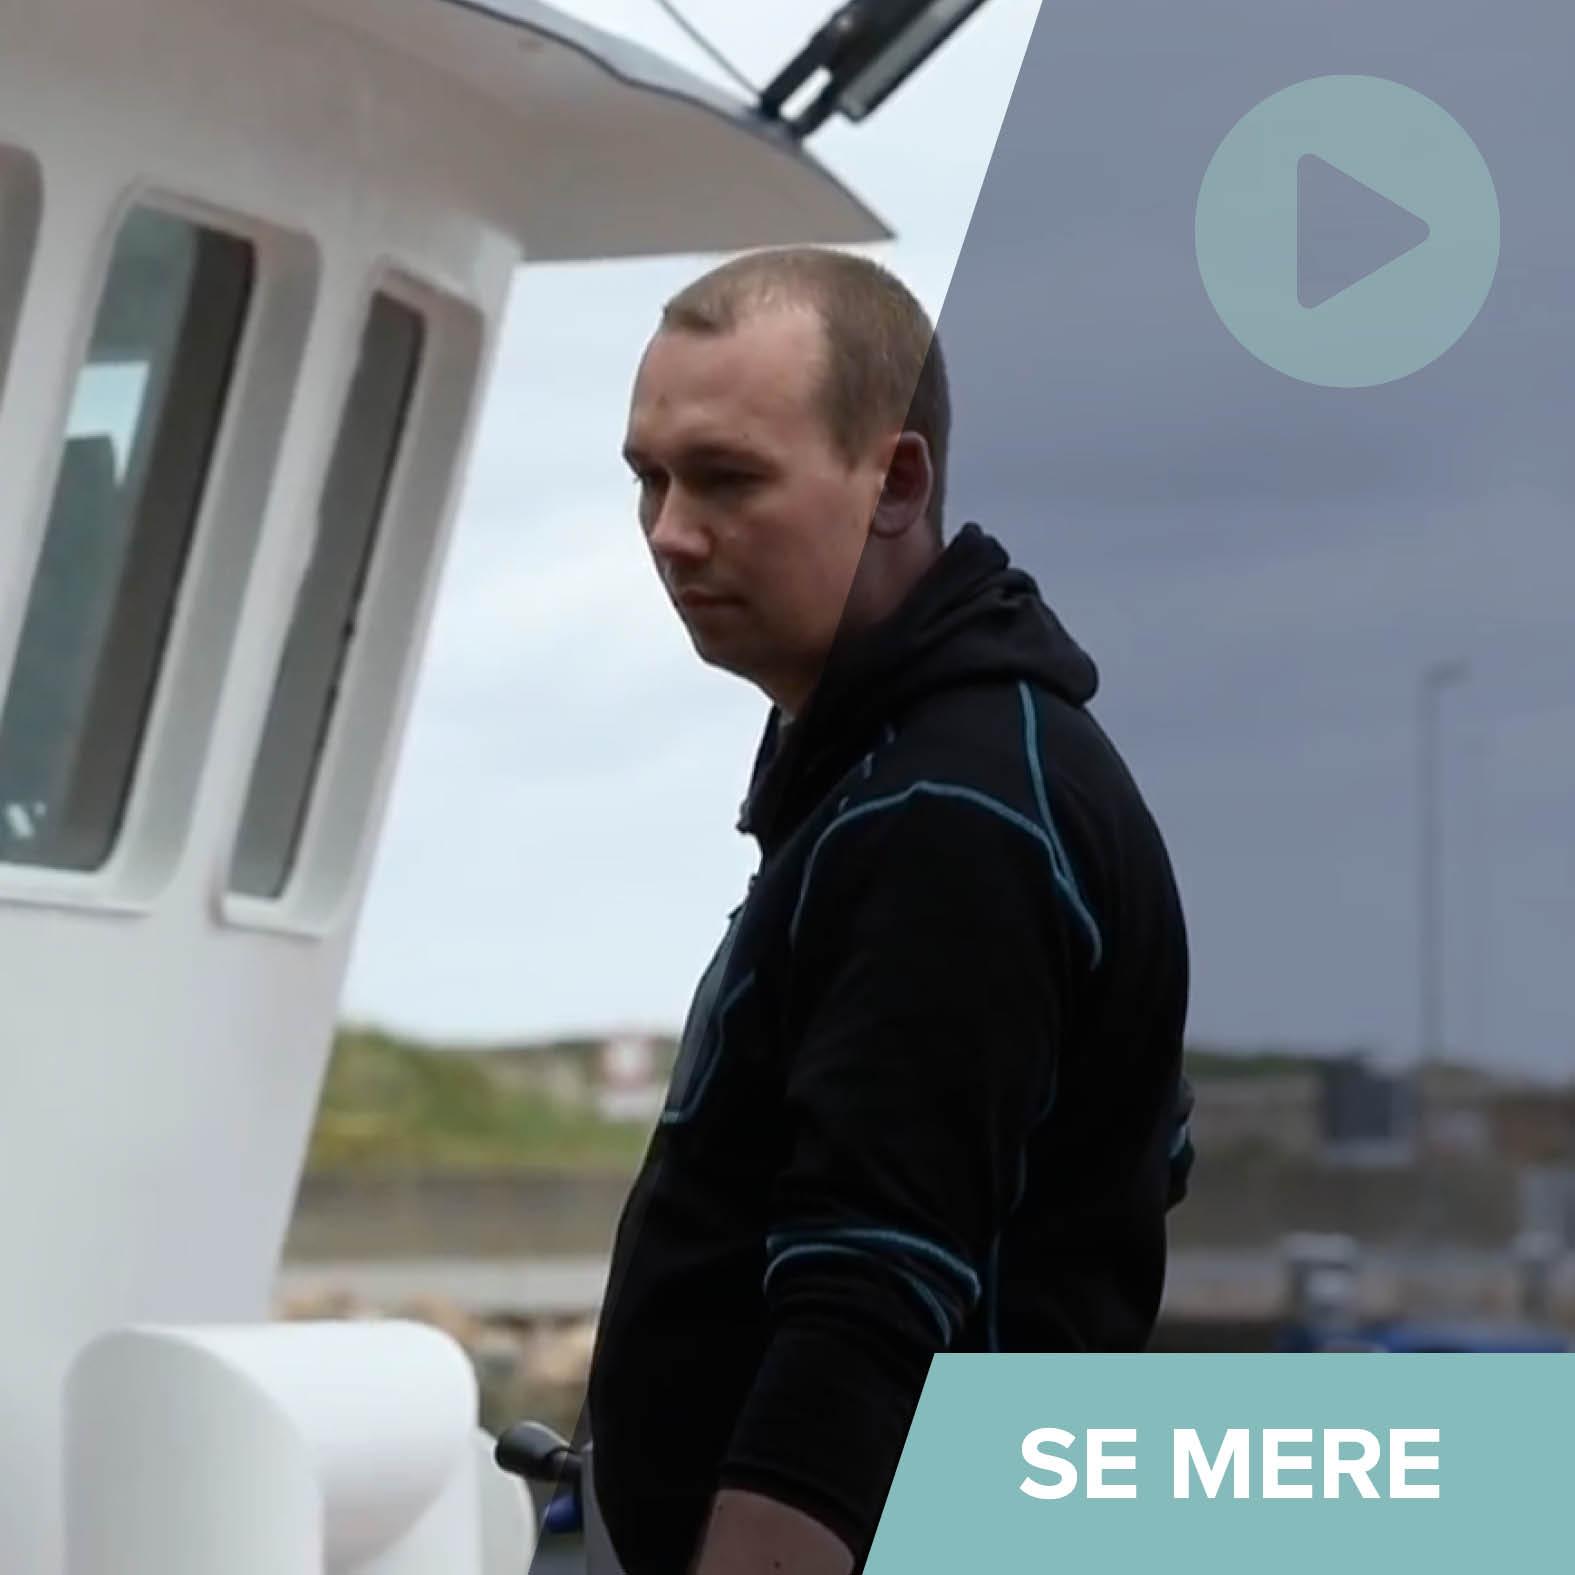 RI244 Rikke Høy - Film